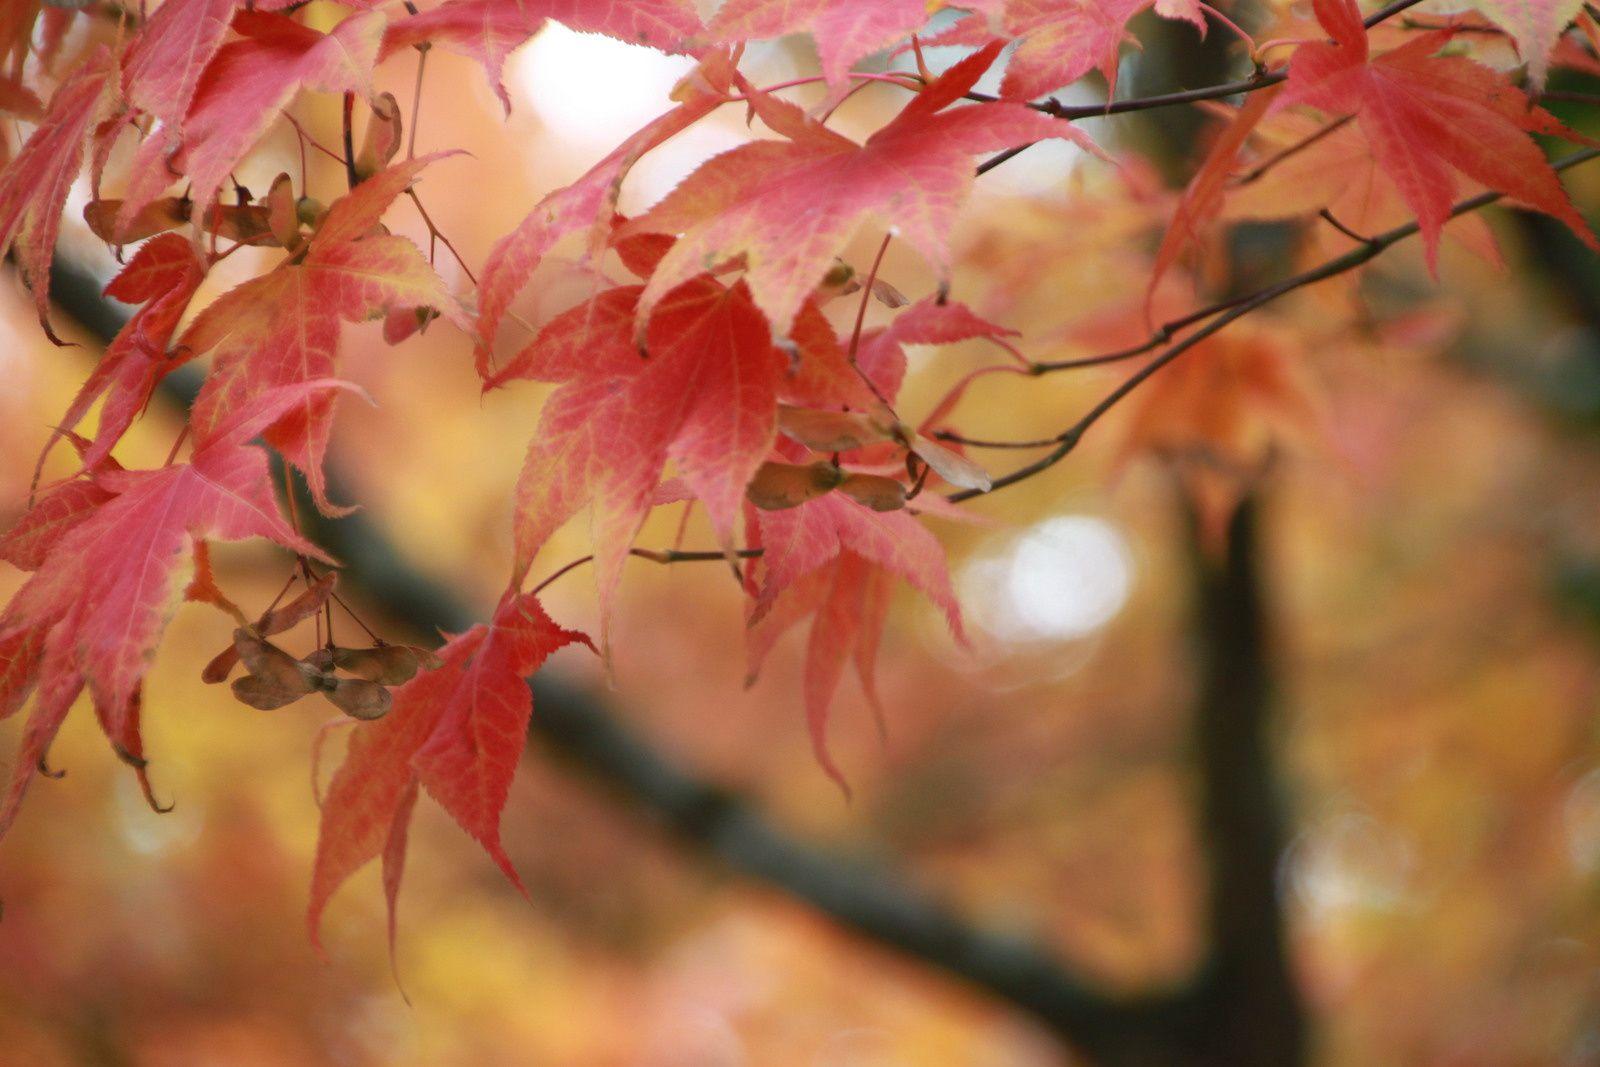 Les arbres colorés...une balade dans la campagne aux jolies couleurs